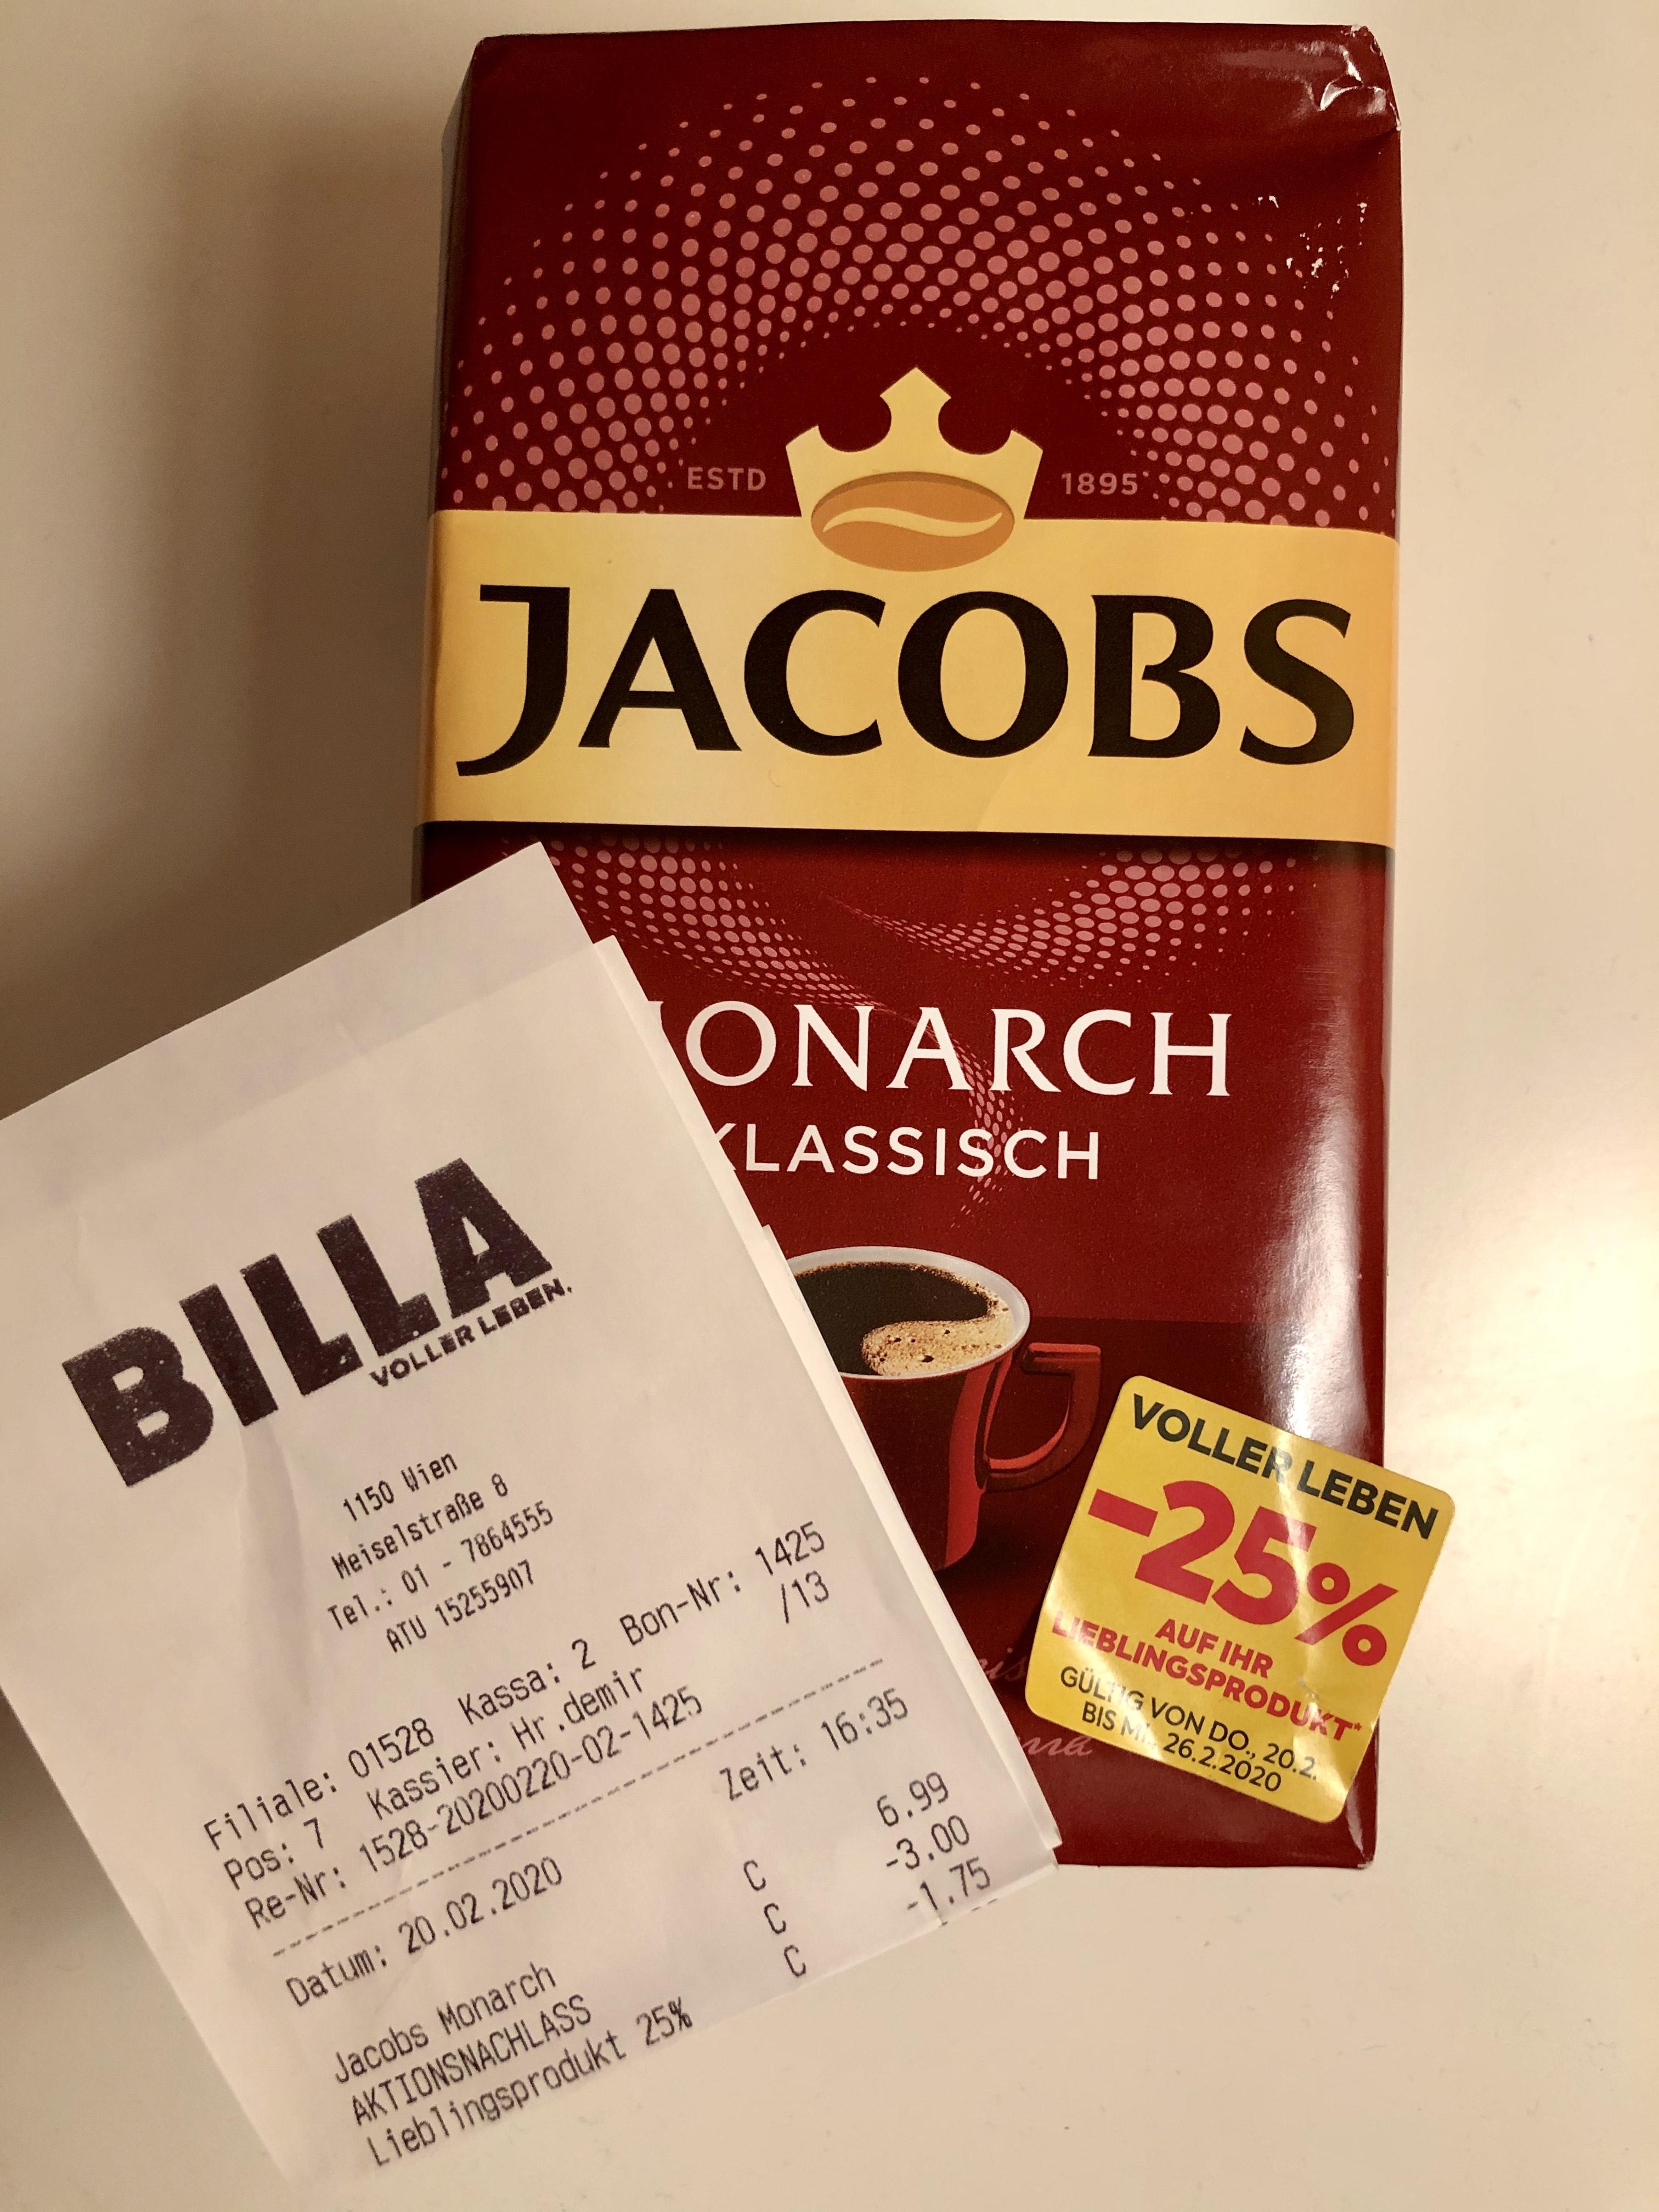 [BILLA] Jacobs Monarch 500g (Ganze Bohne oder gemahlen)